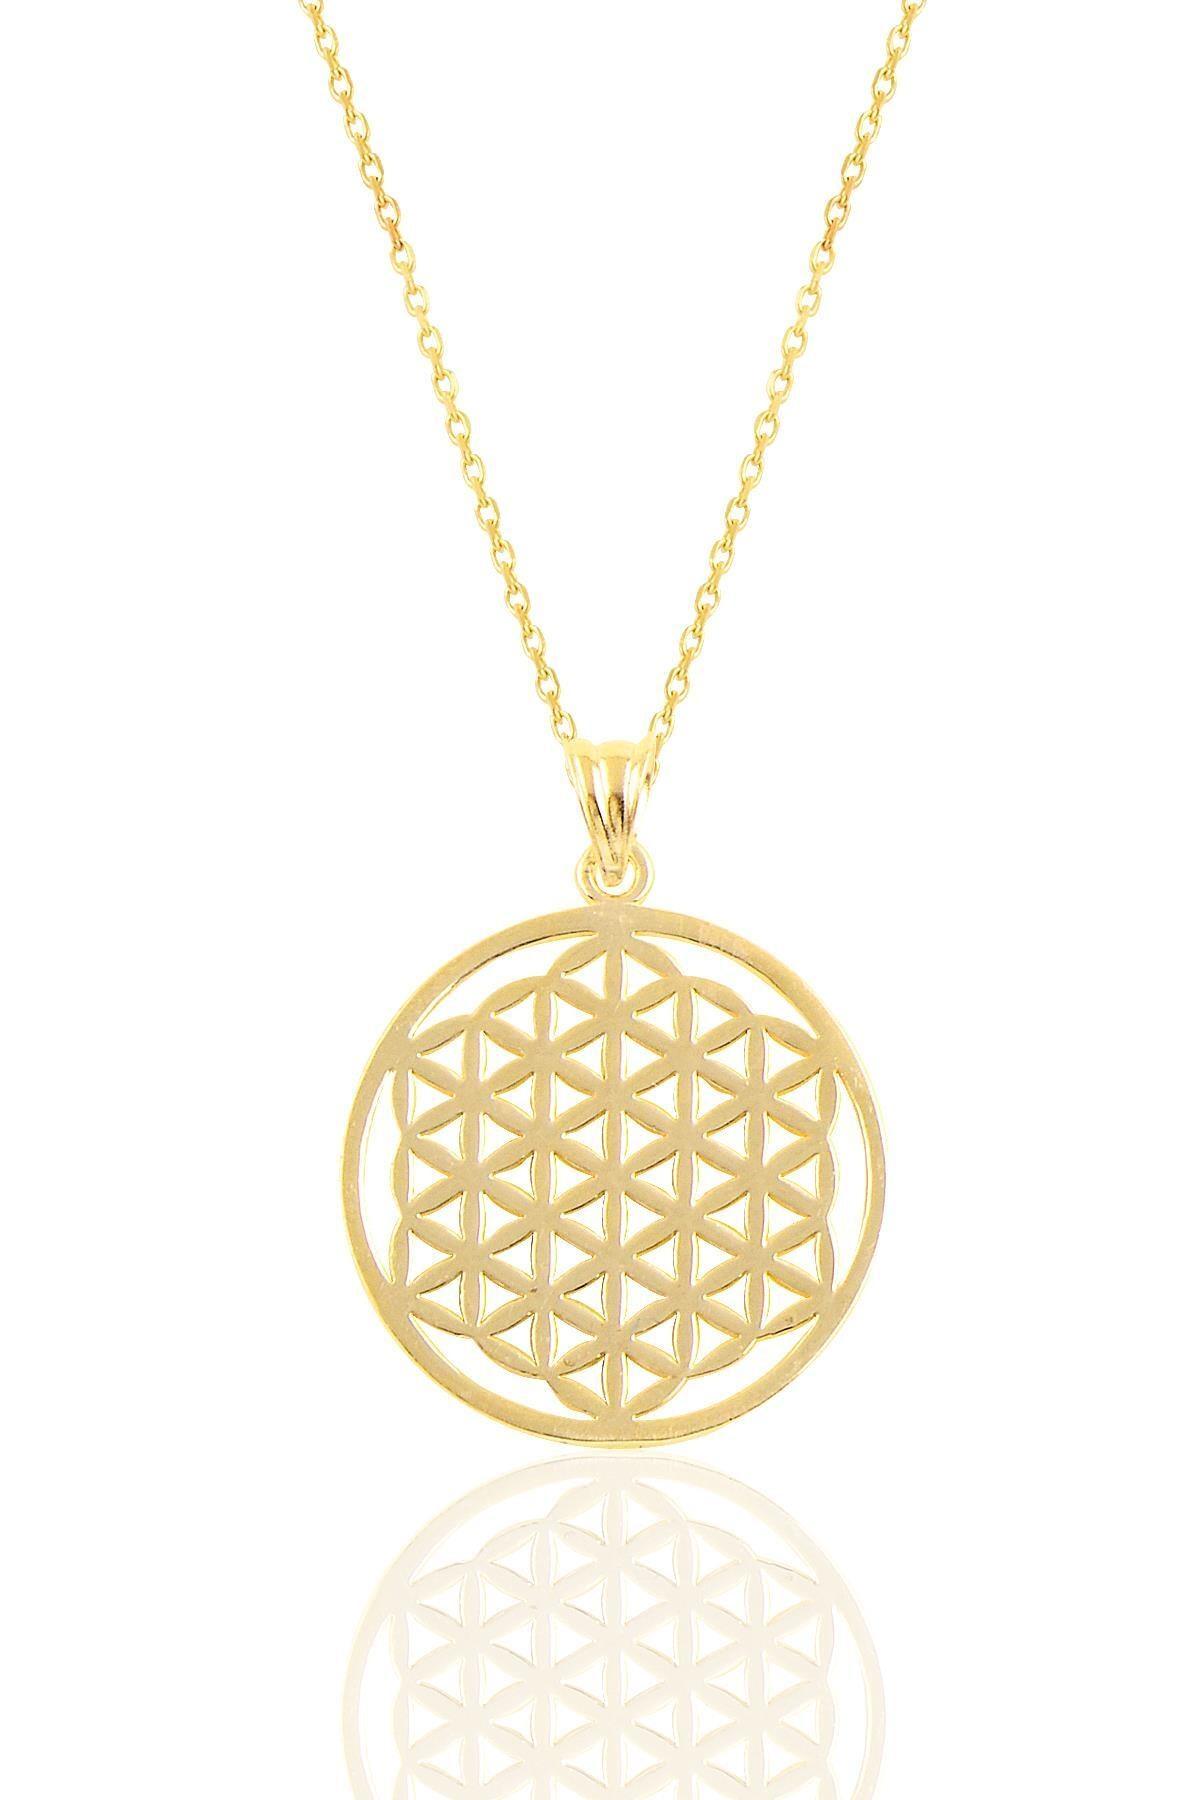 Söğütlü Silver Gümüş Altın Yaldızlı  Yaşam Çiçeği Kolye